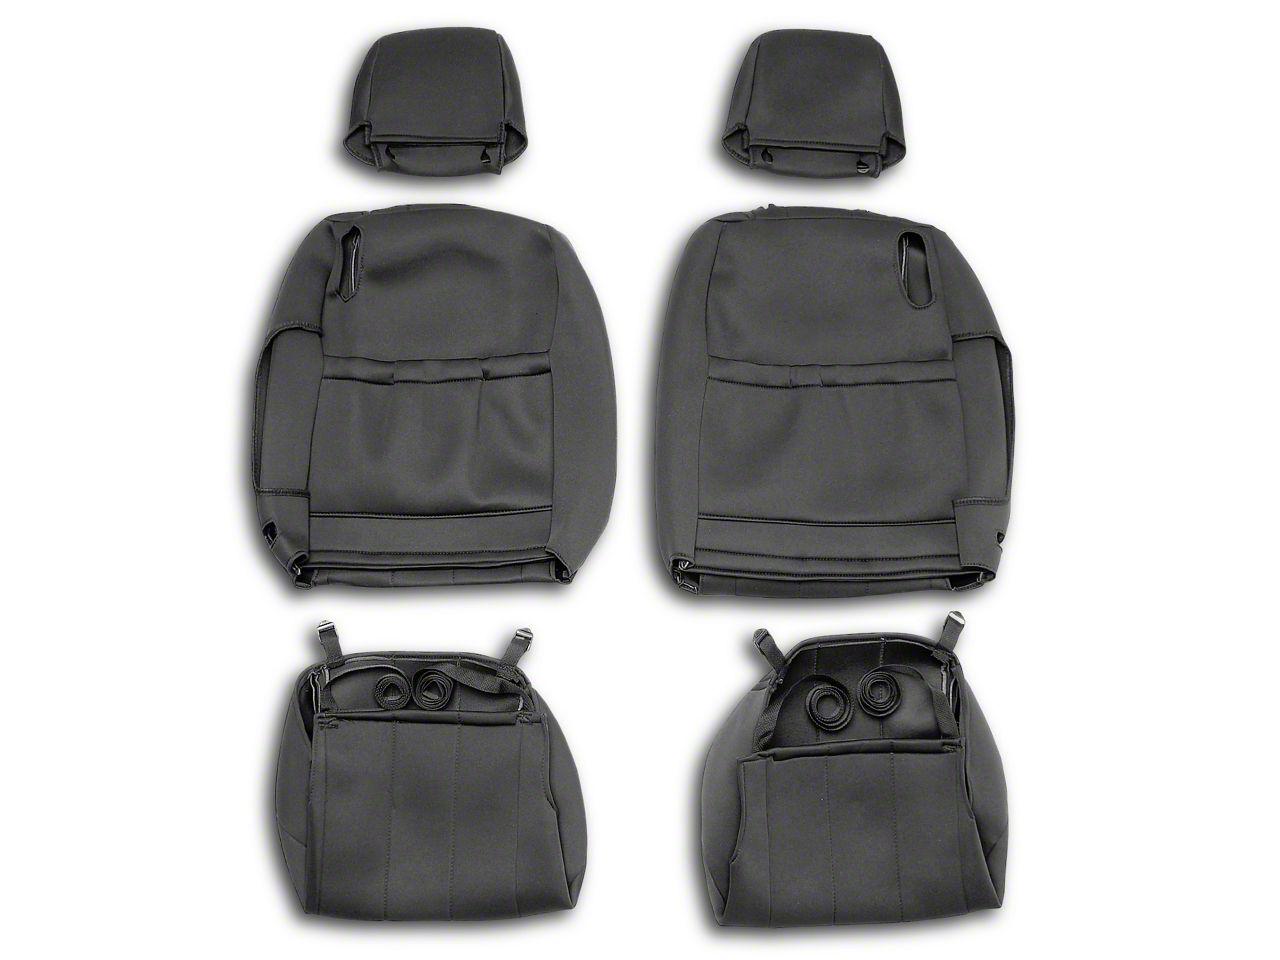 Caltrend NeoSupreme Front Seat Cover - Black (05-14 All)